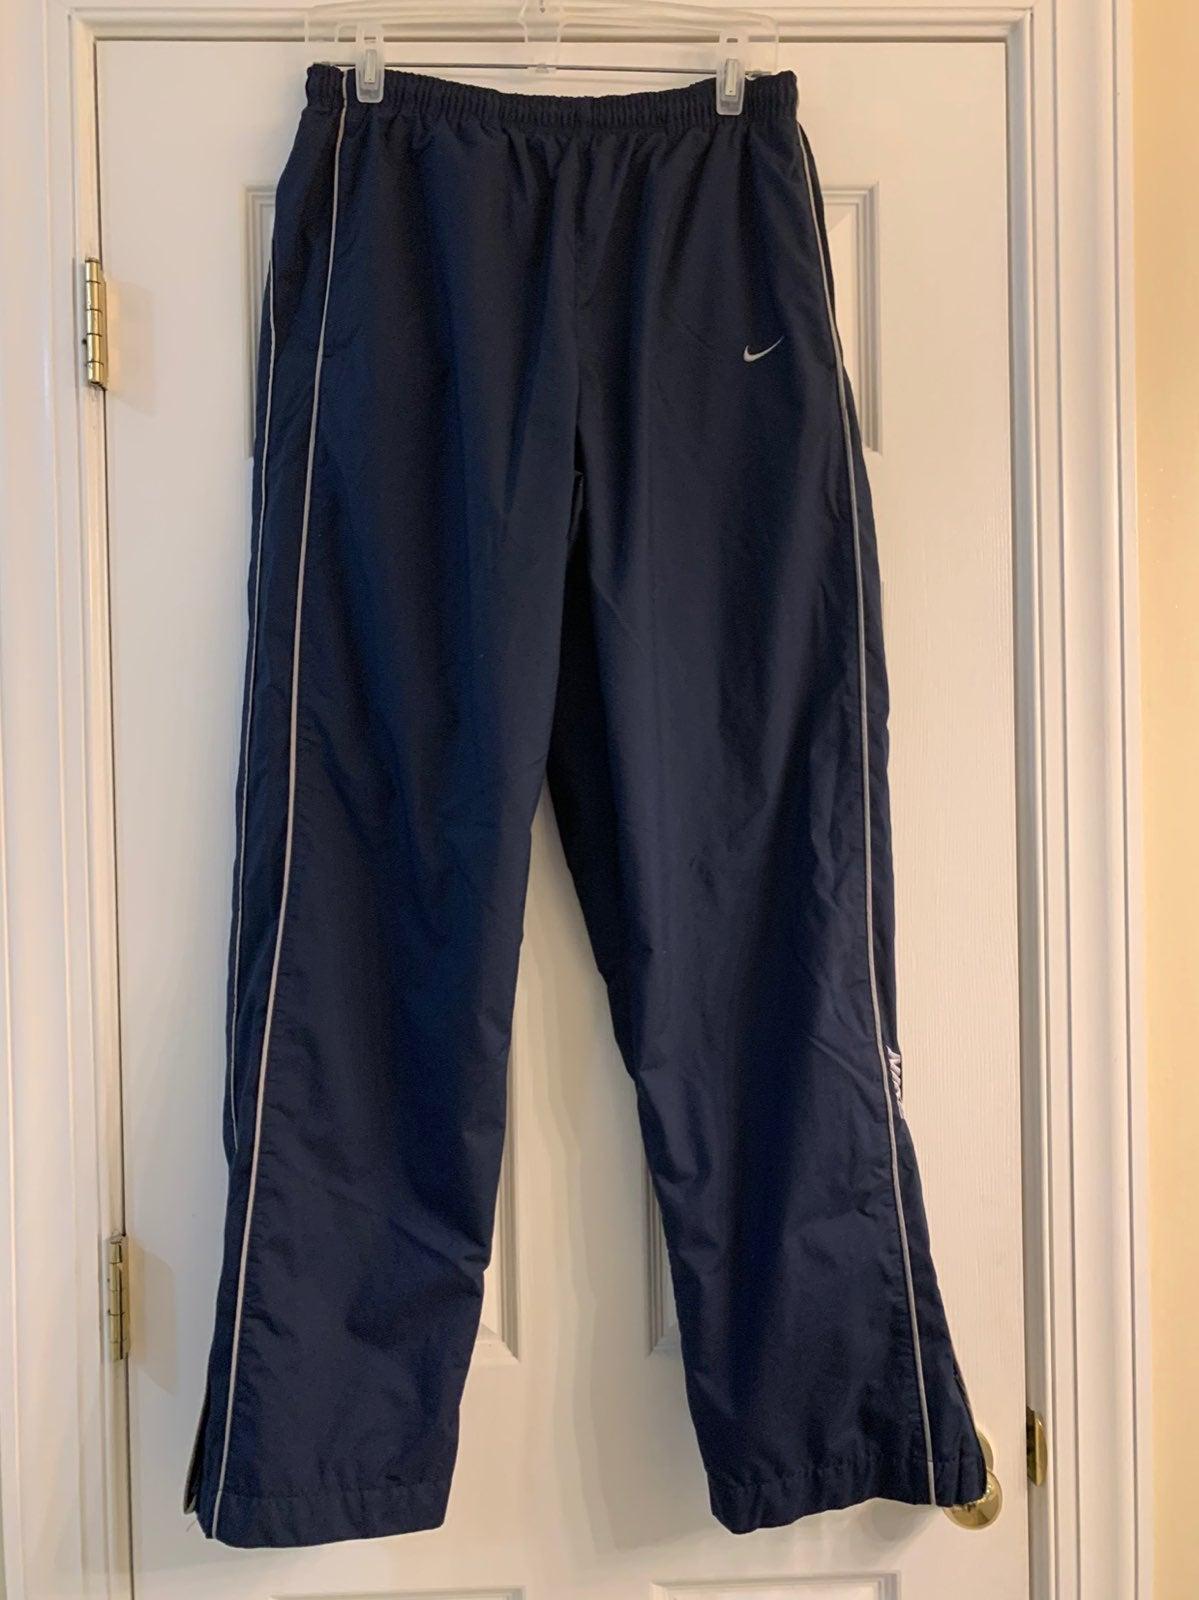 mens Nike pants